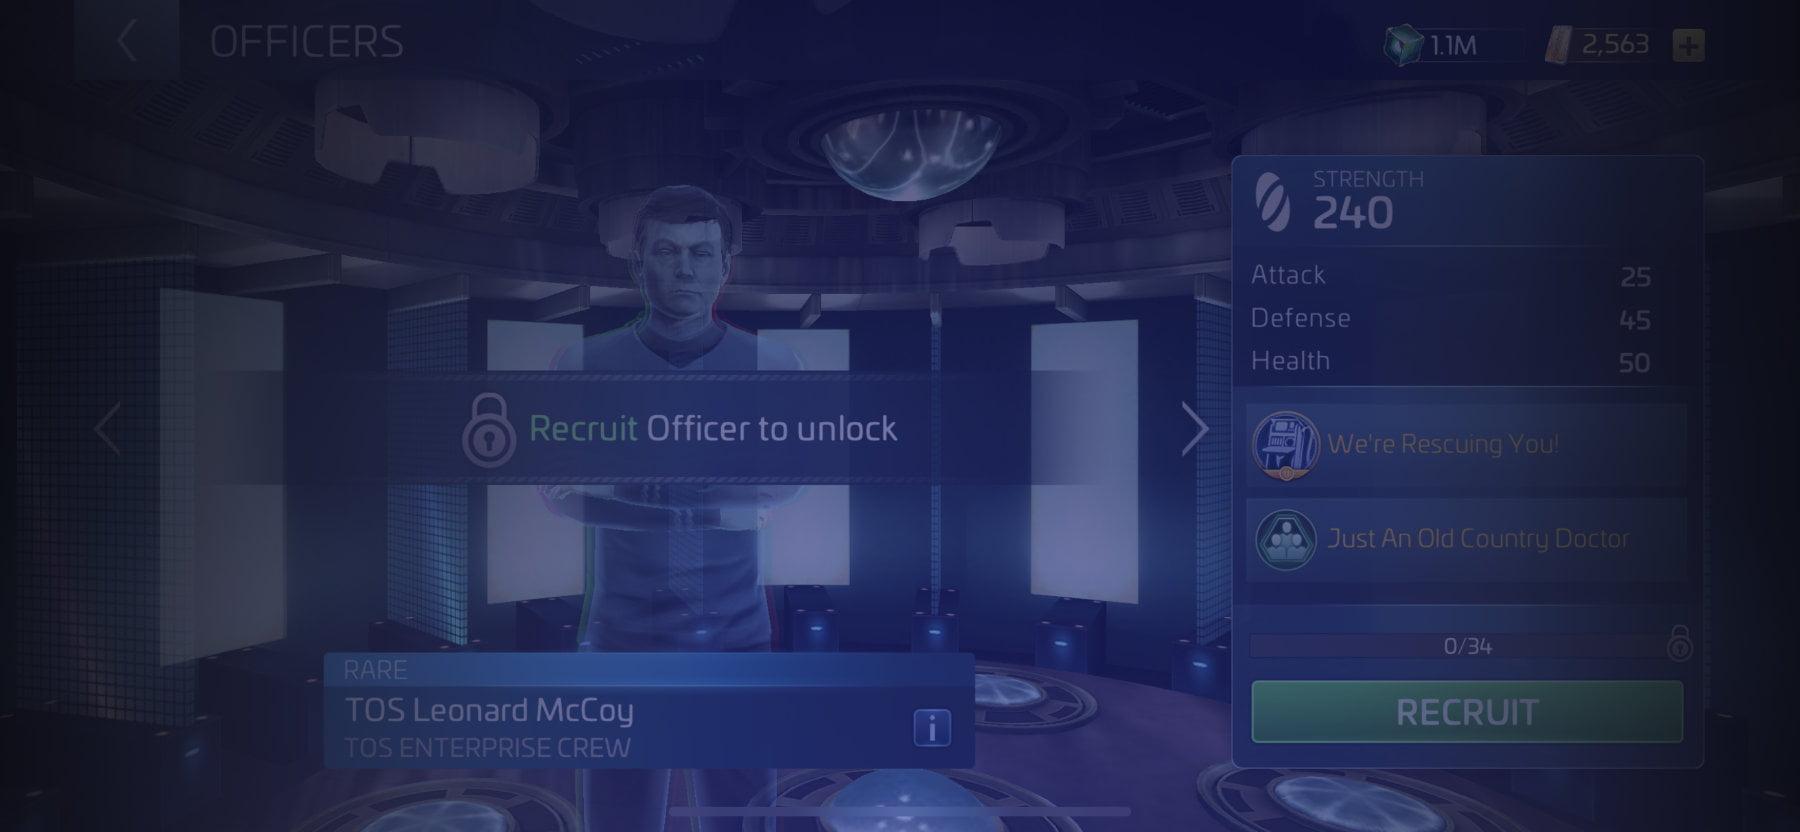 Officer TOS Leonard McCoy